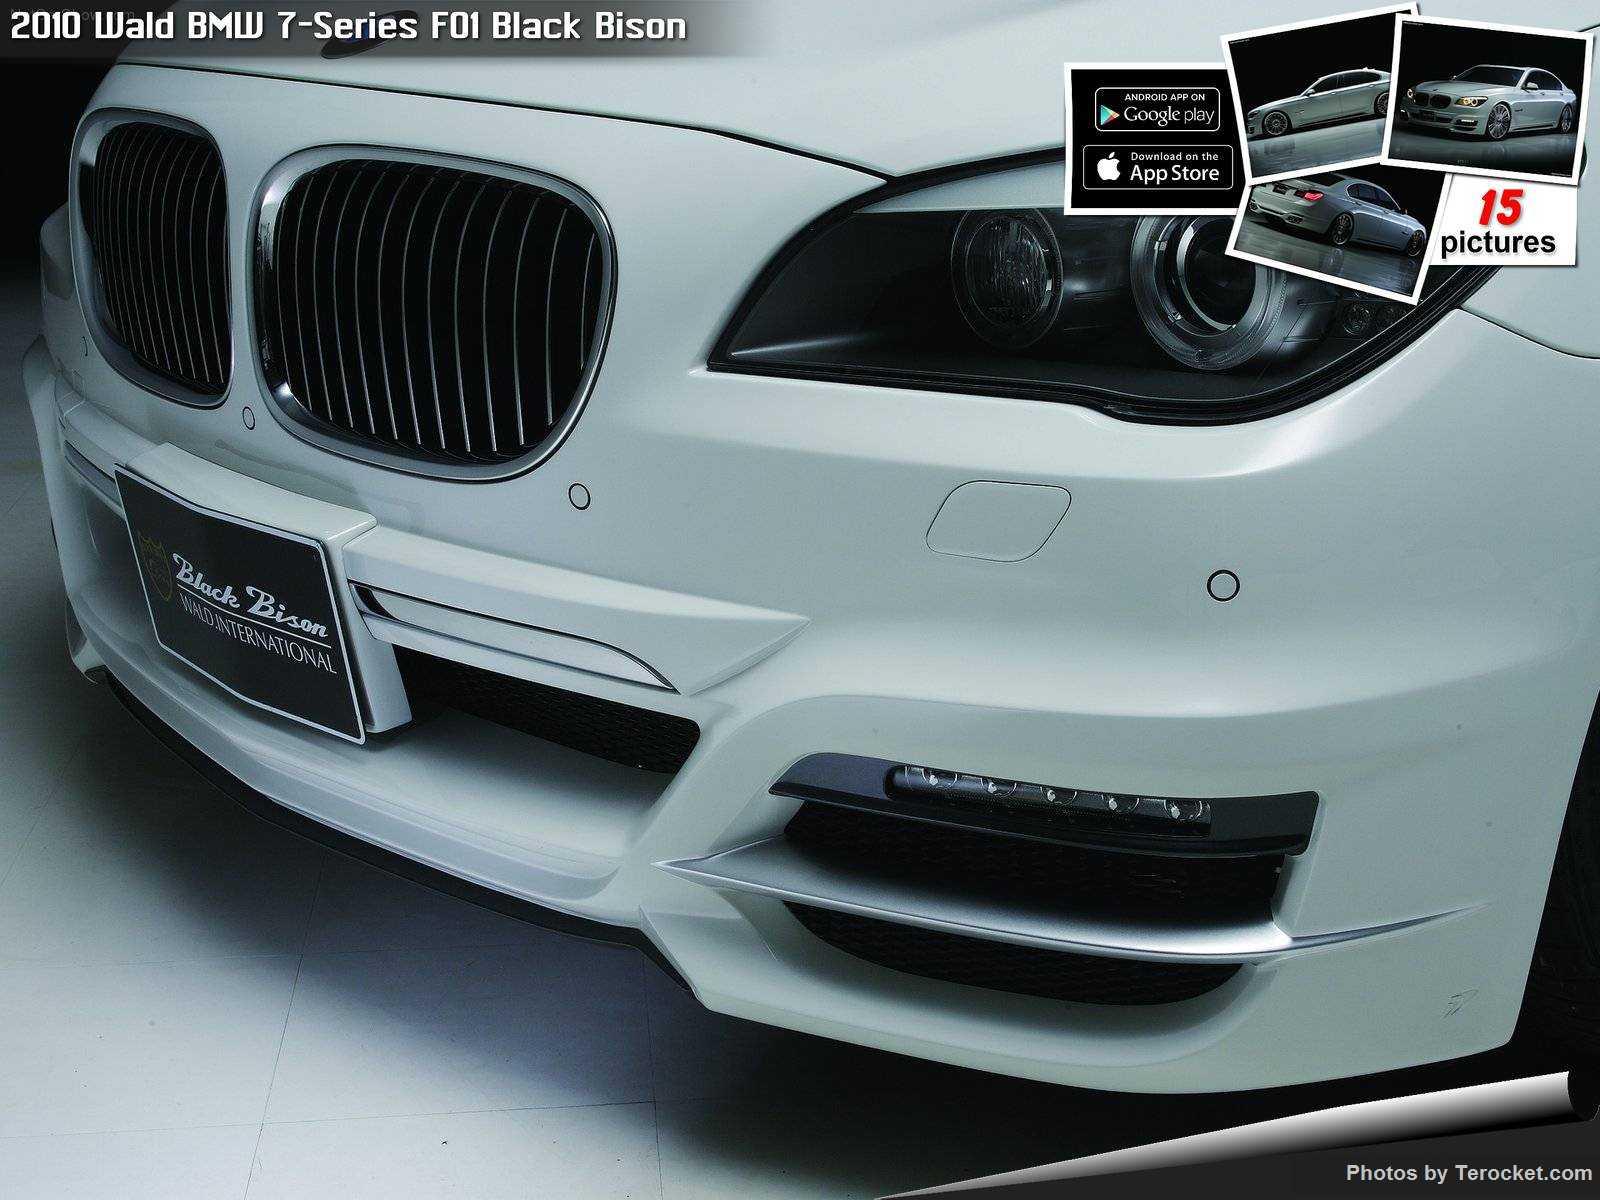 Hình ảnh xe độ Wald BMW 7-Series F01 Black Bison 2010 & nội ngoại thất